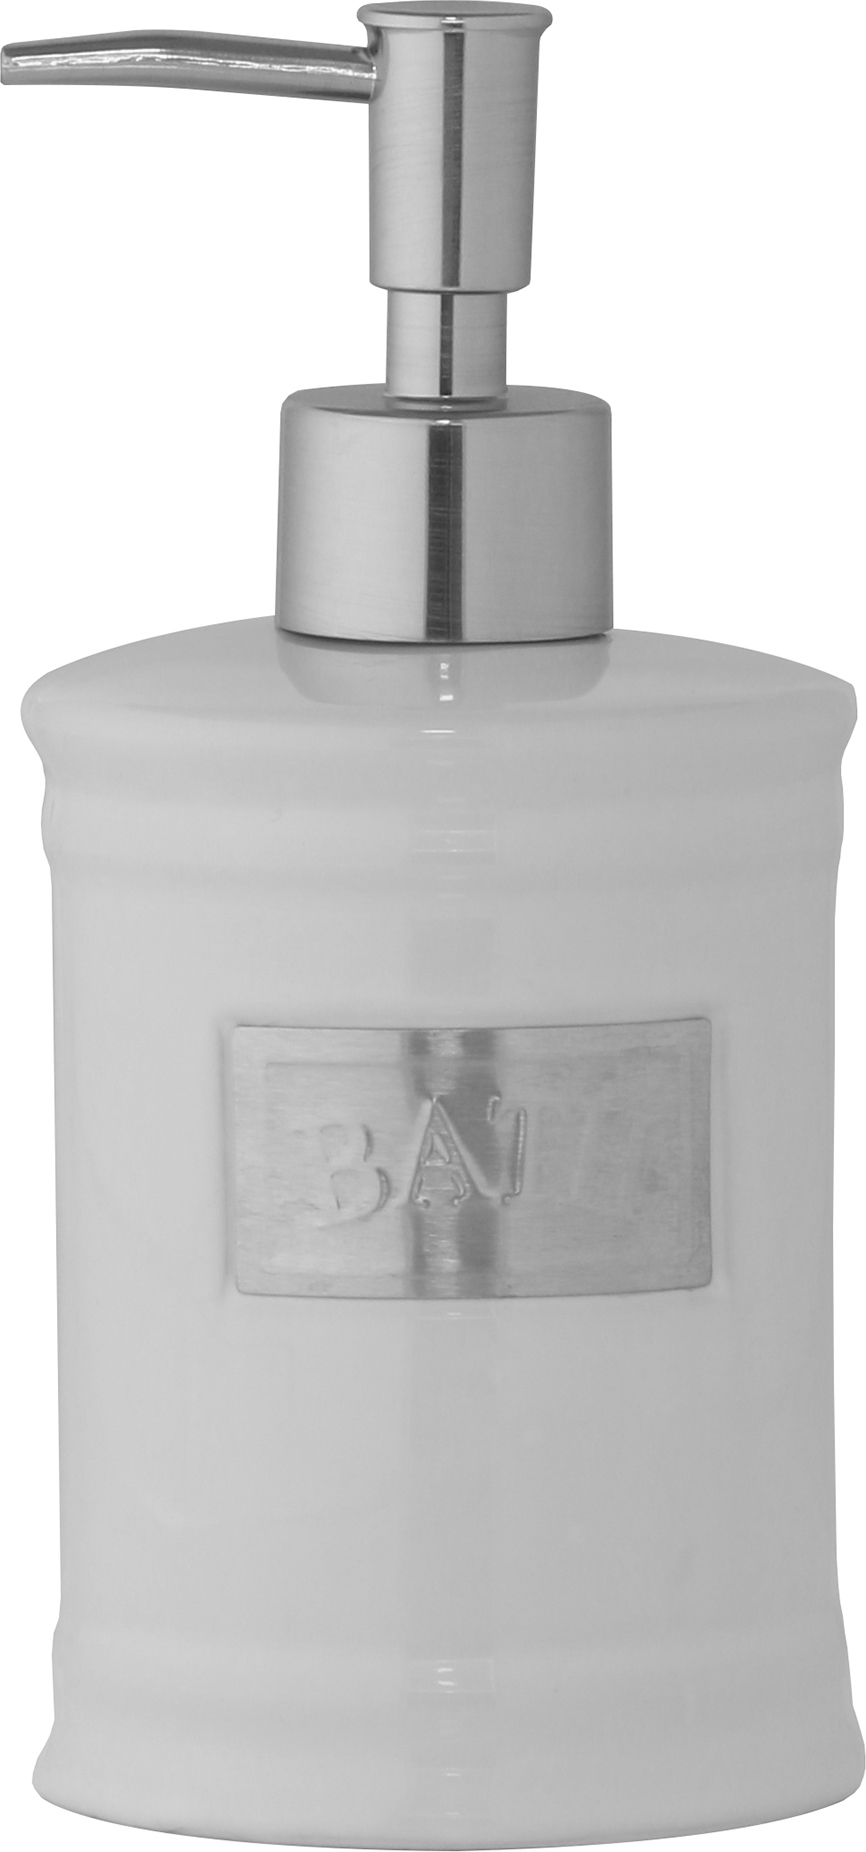 лучшая цена Дозатор для жидкого мыла Axentia